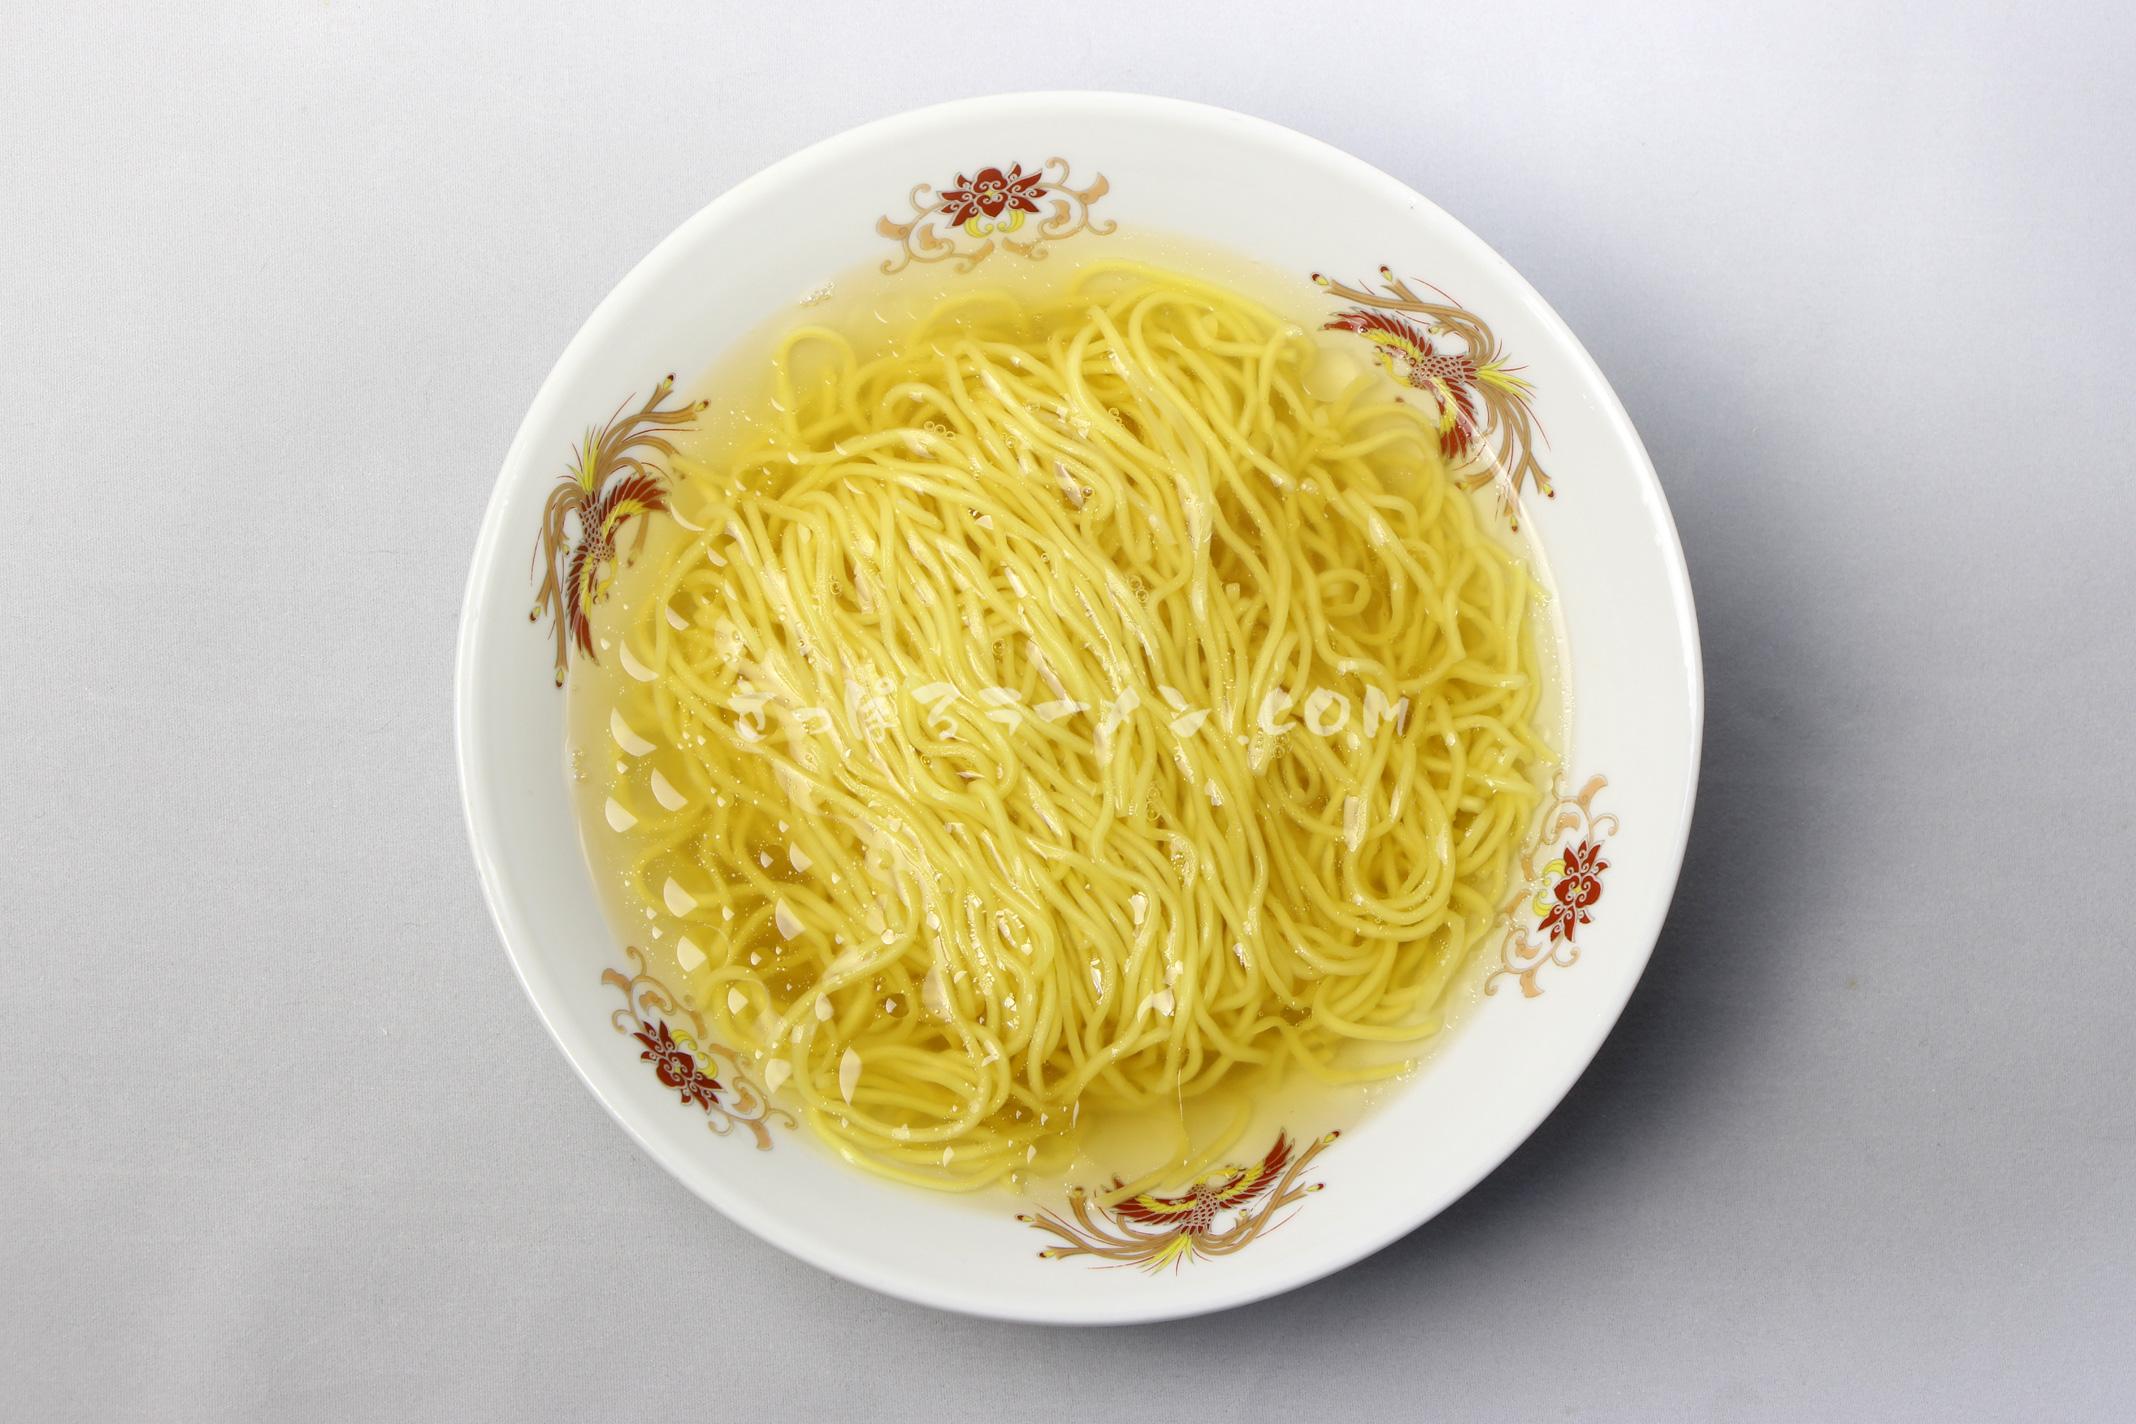 「北海道ラーメン函館塩」(藤原製麺)の完成画像